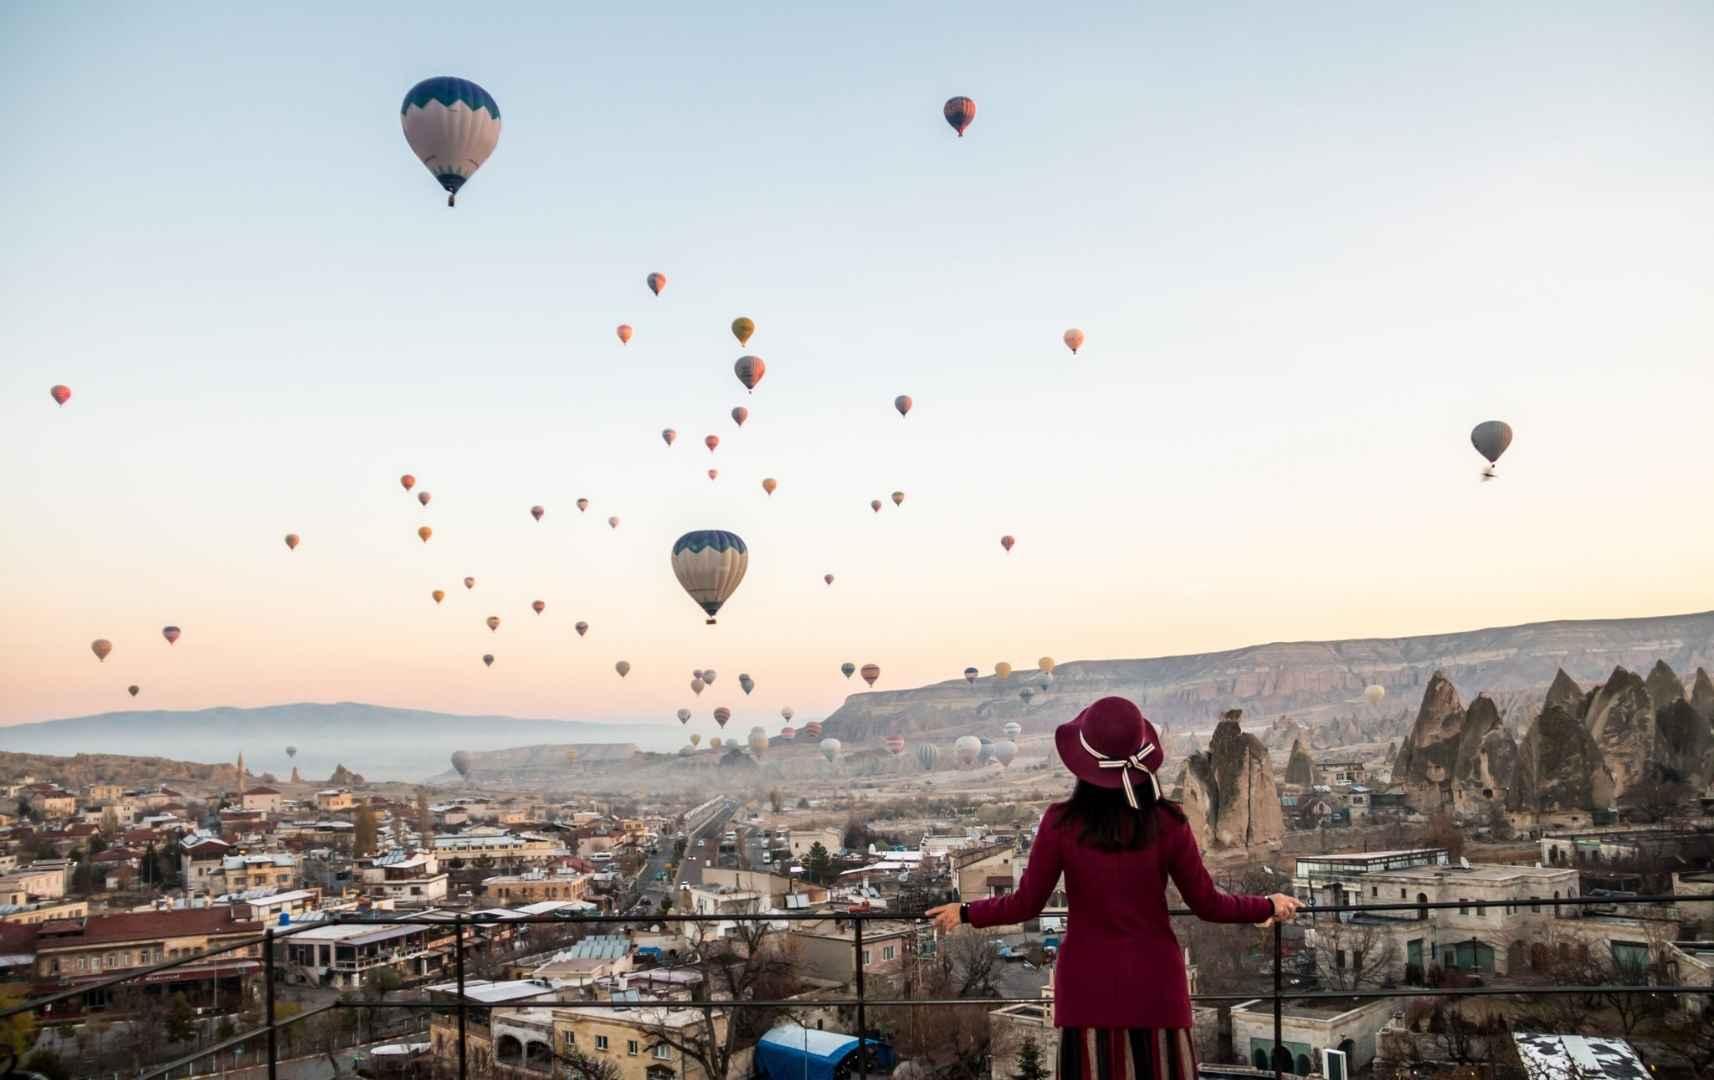 Heißluftballons in Kapadokya, Türkei